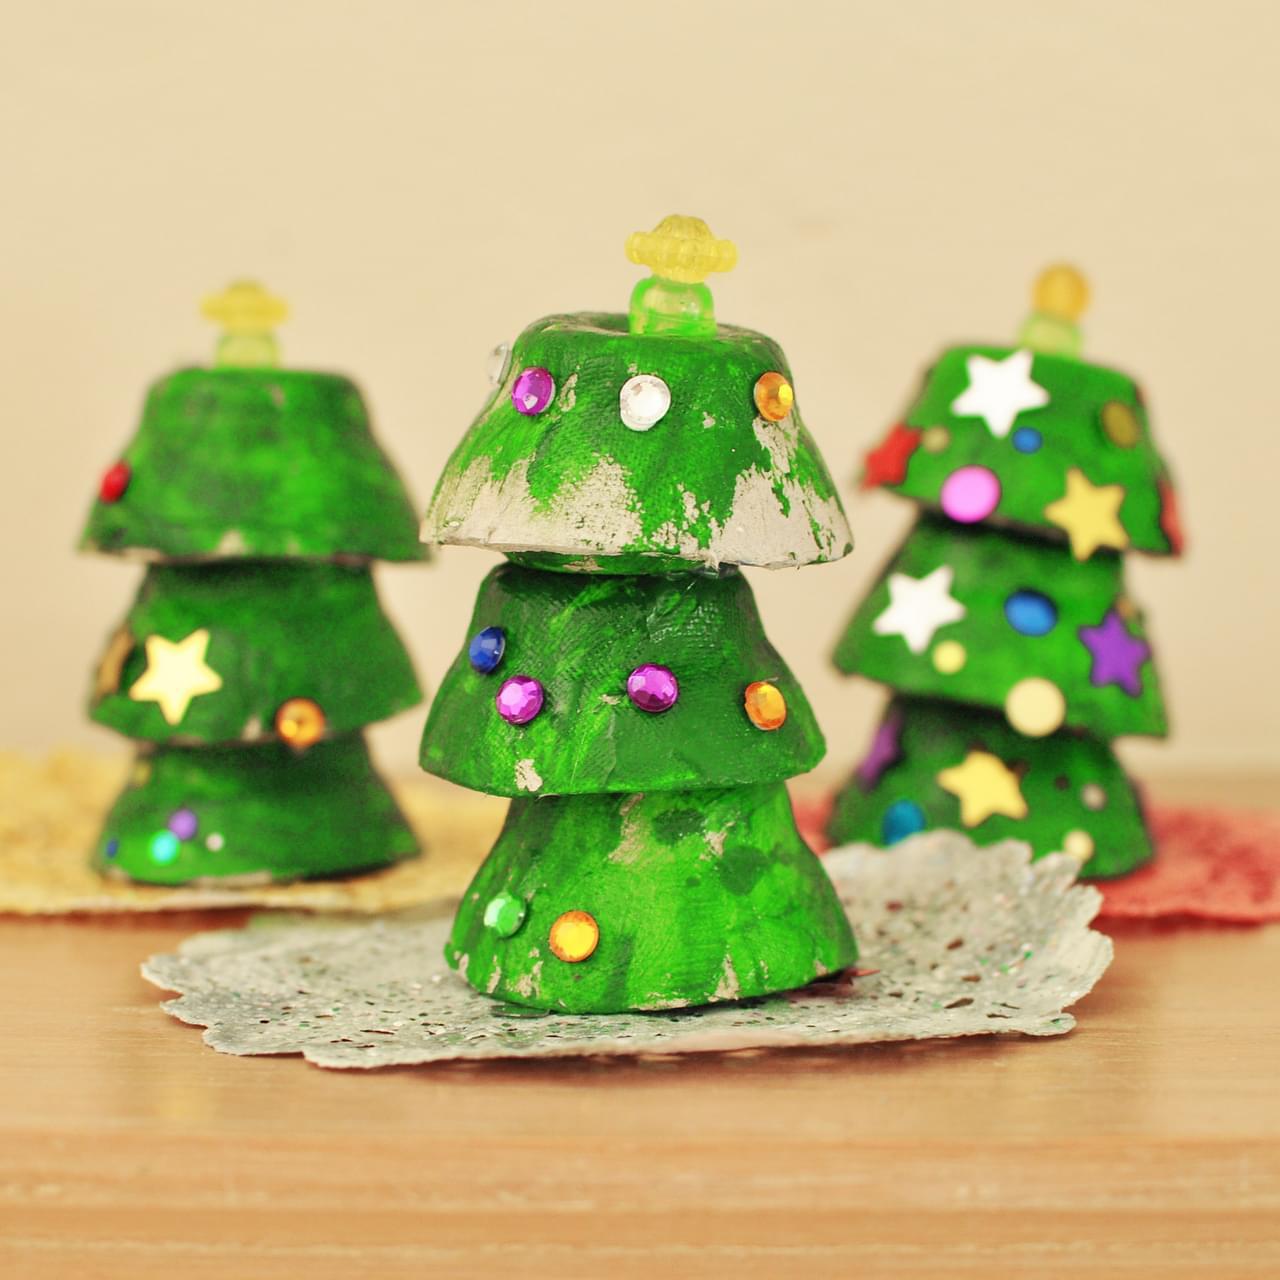 Egg Cup Christmas Trees